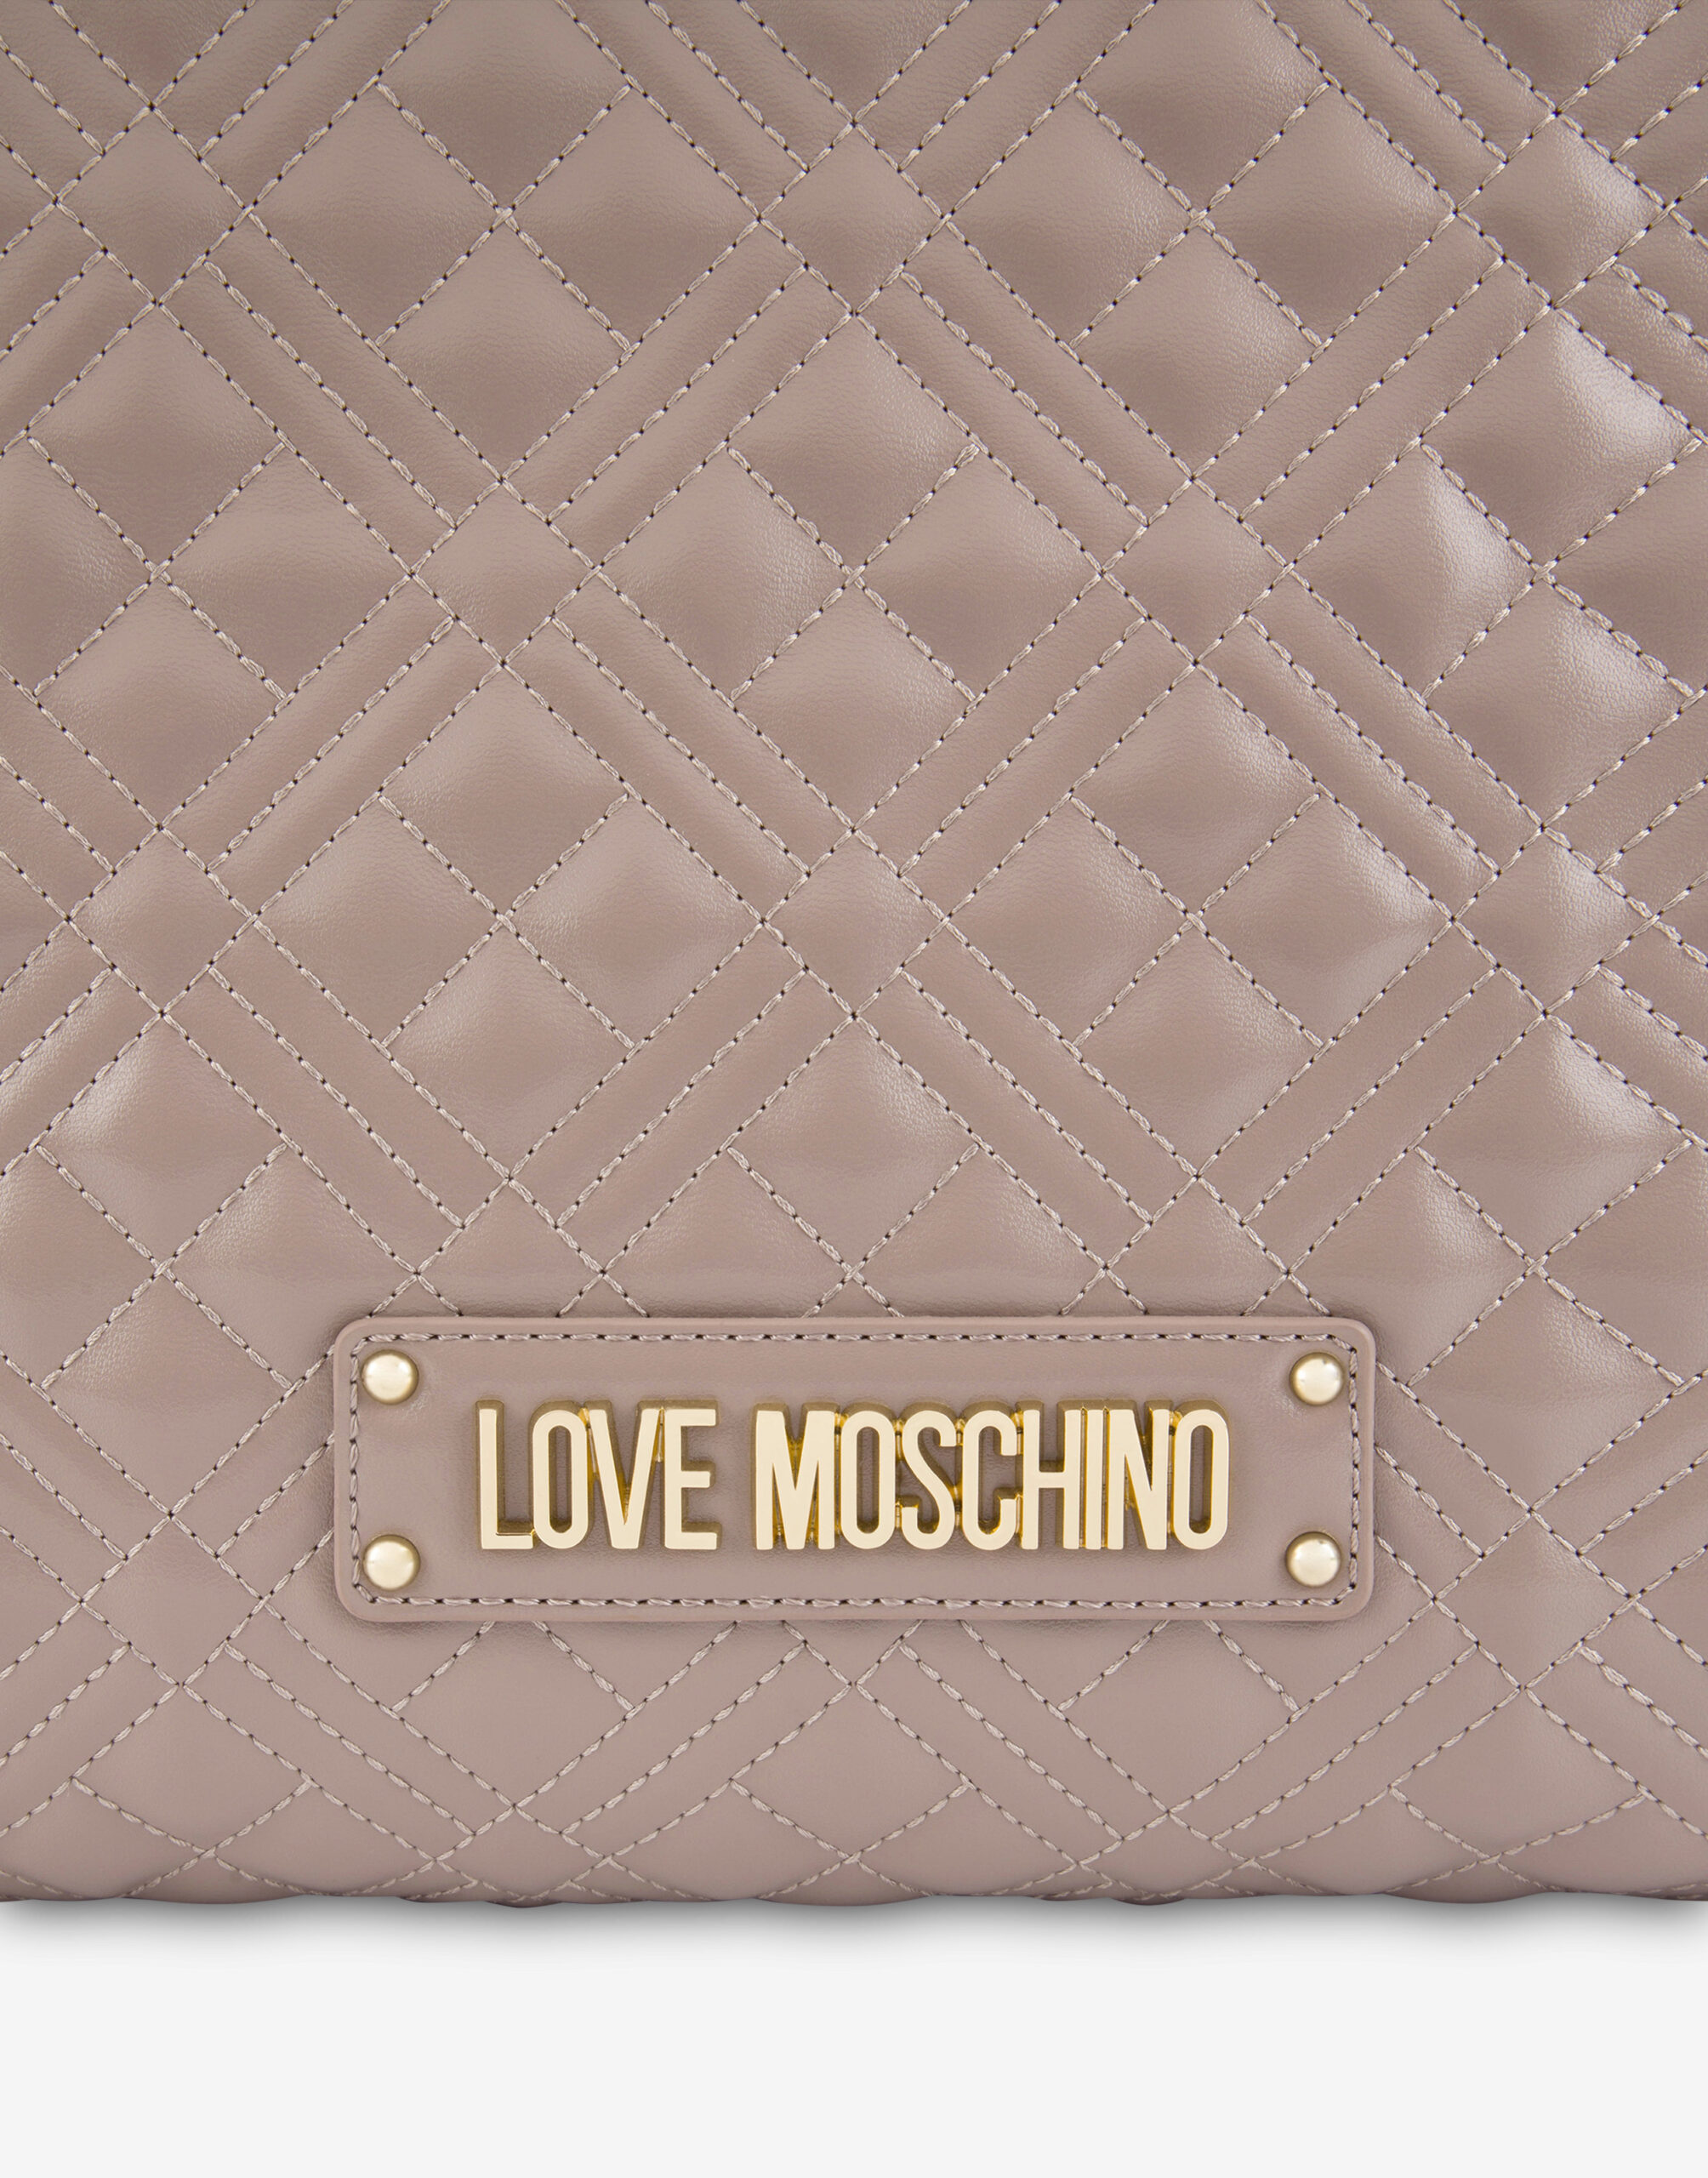 Love Moschino